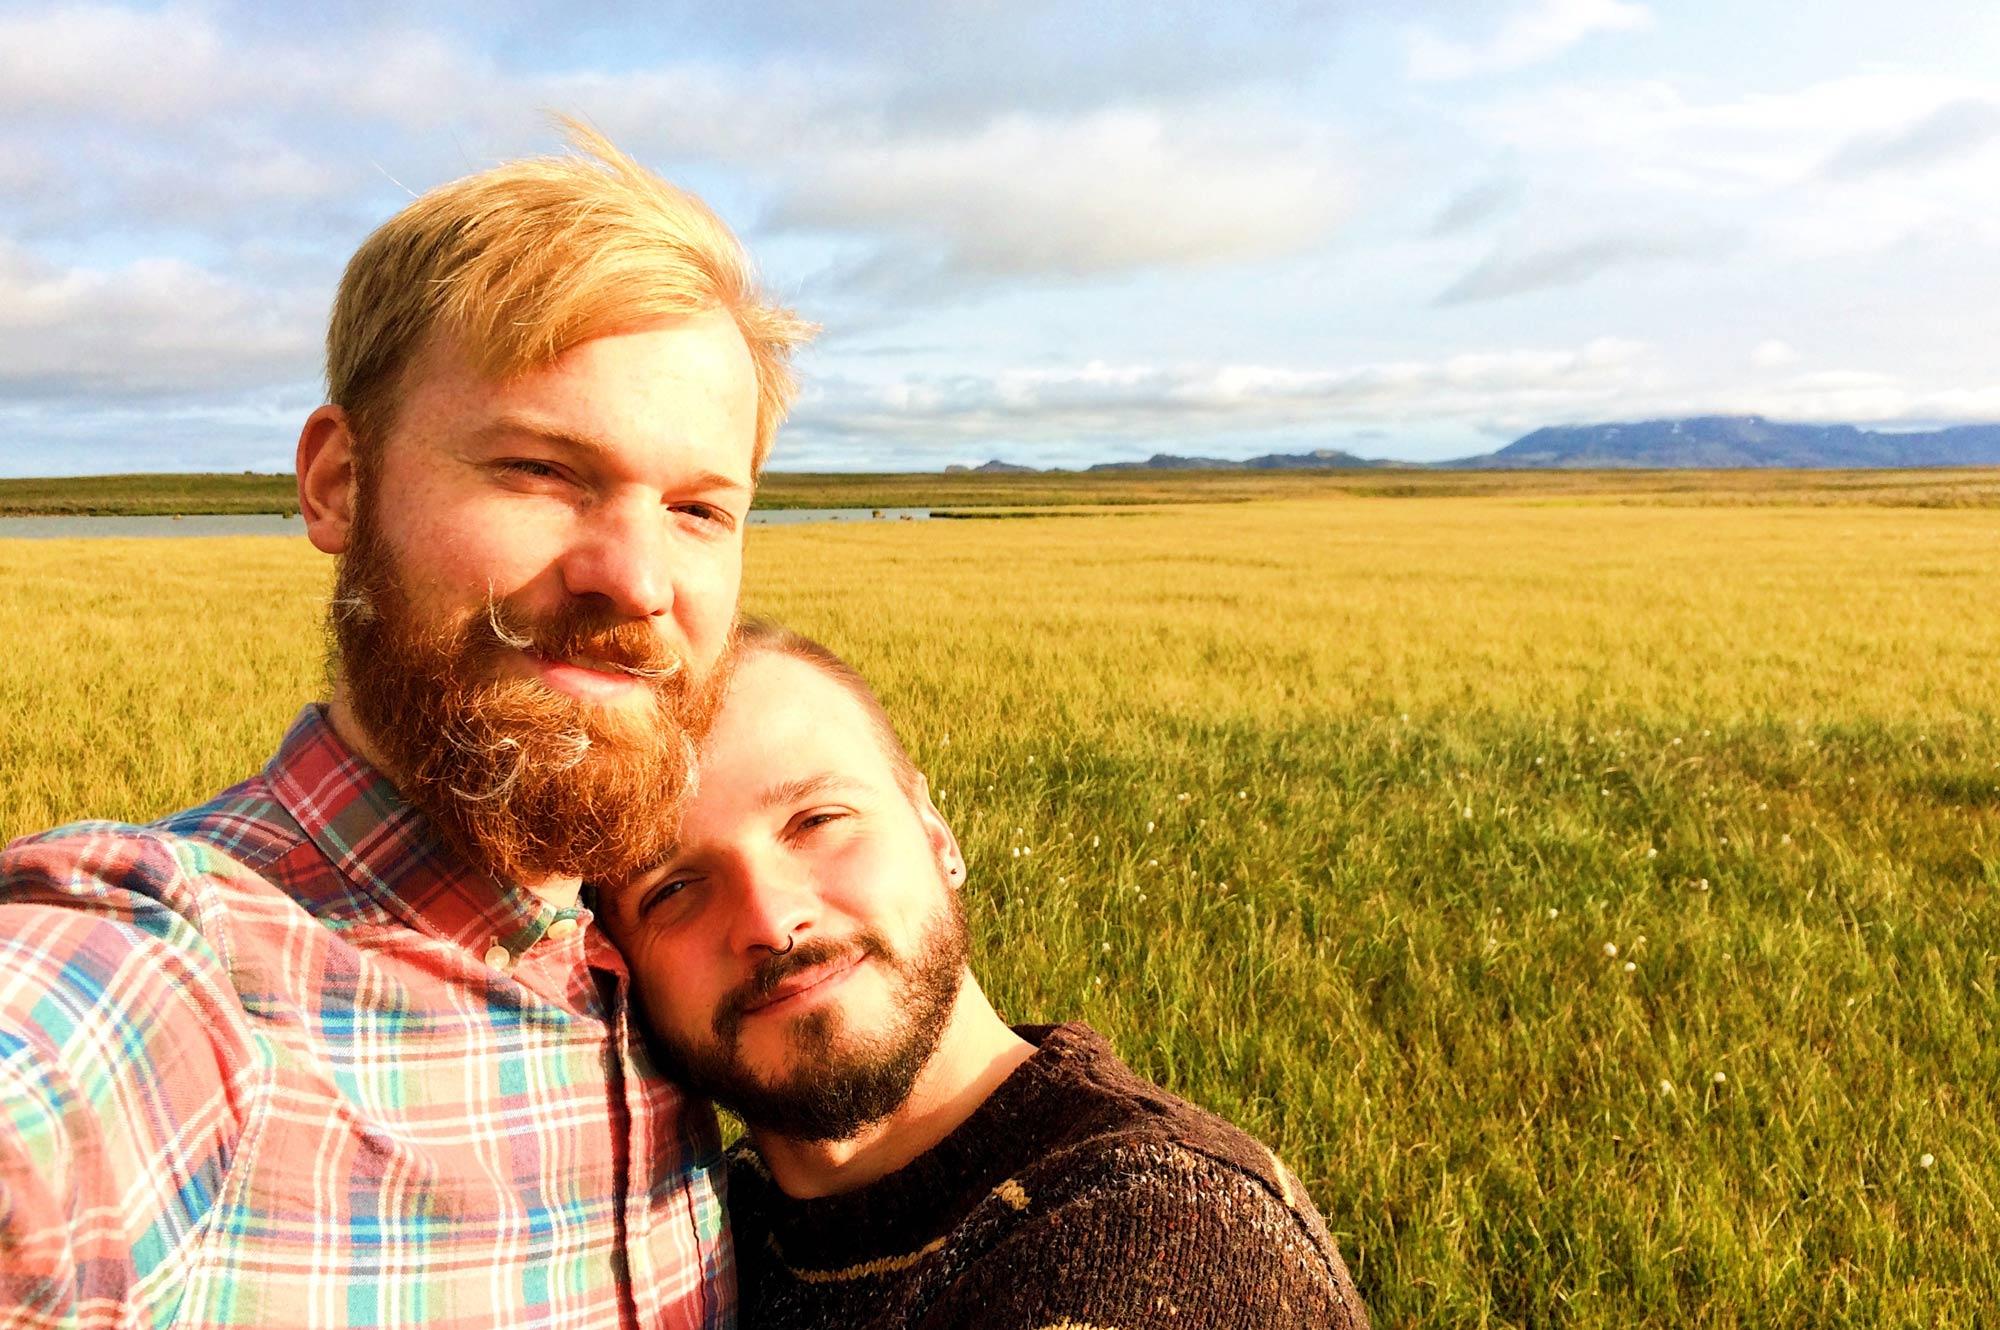 Iceland's Golden Circle Tour Iceland Golden Circle Tour Þingvellir Geysir Gullfoss © Coupleofmen.com